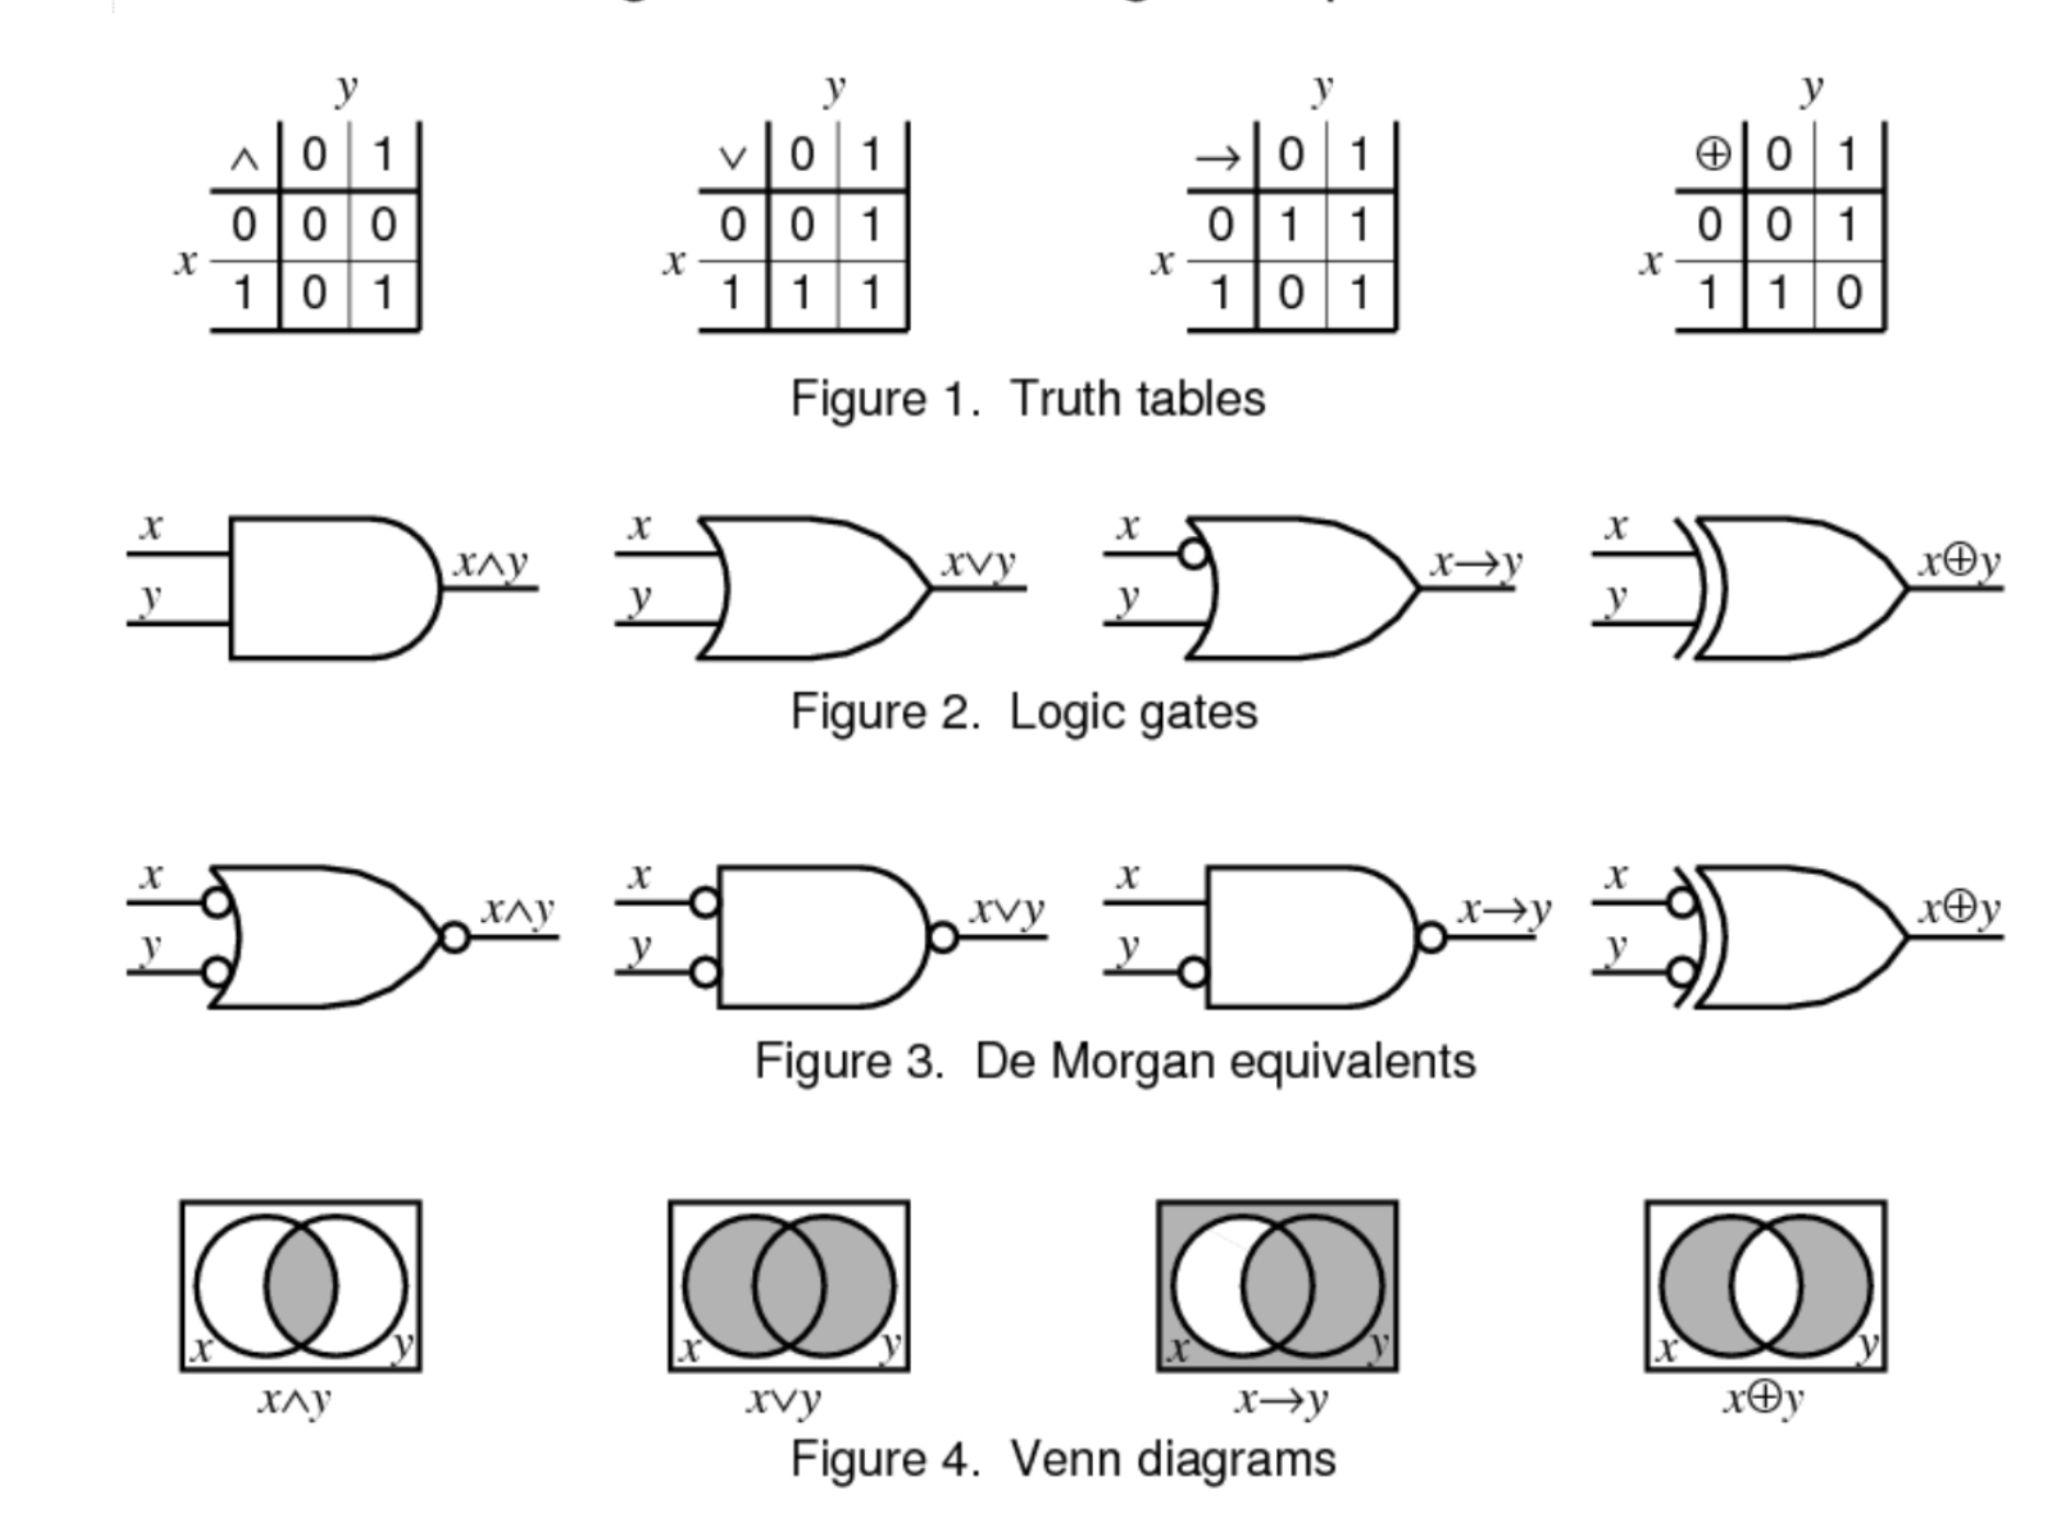 pin diagram of logic gates